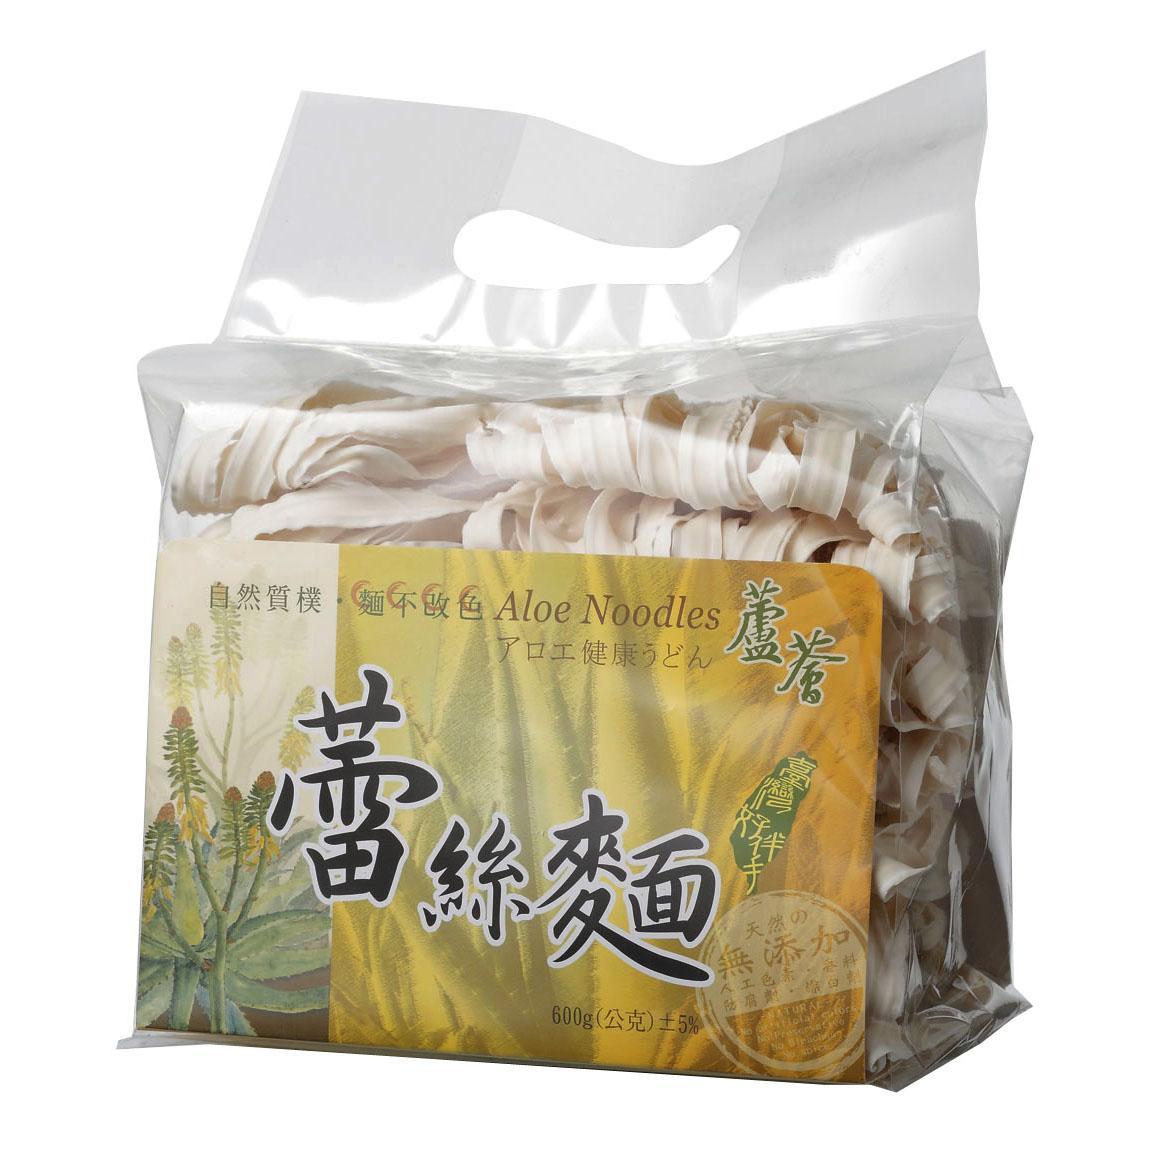 蘆薈蕾絲麵(600g-裸包)原味